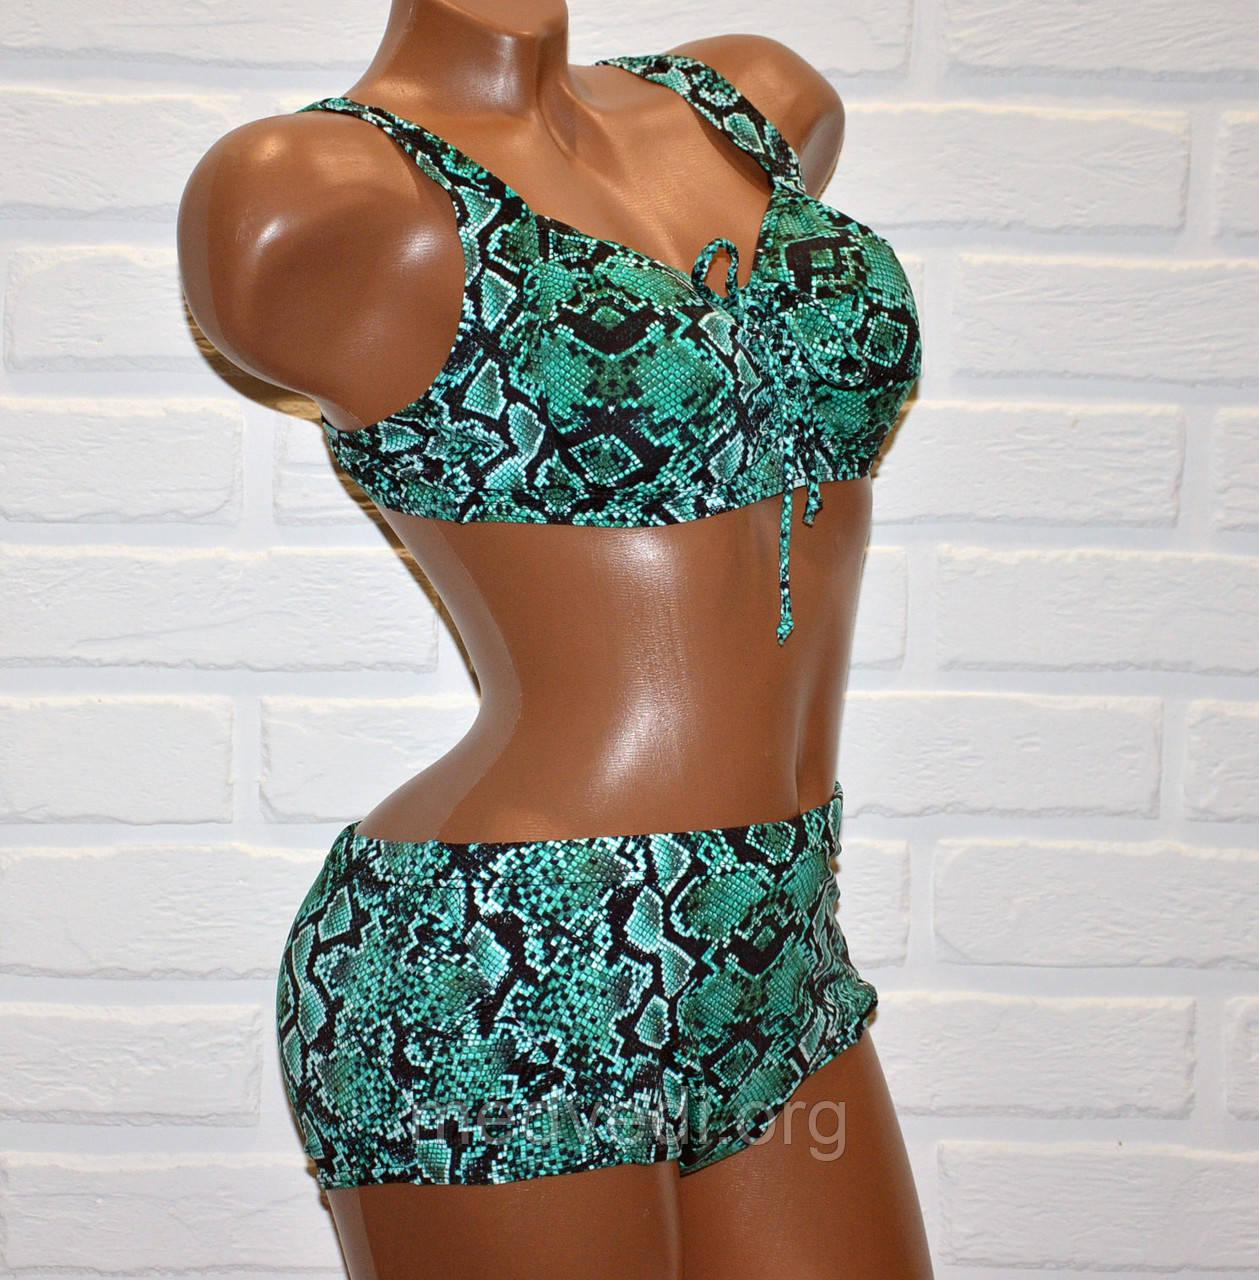 Большой 62 размер для пышных женщин, раздельный зеленый купальник батал, рисунок змеиная кожа, на шнуровке